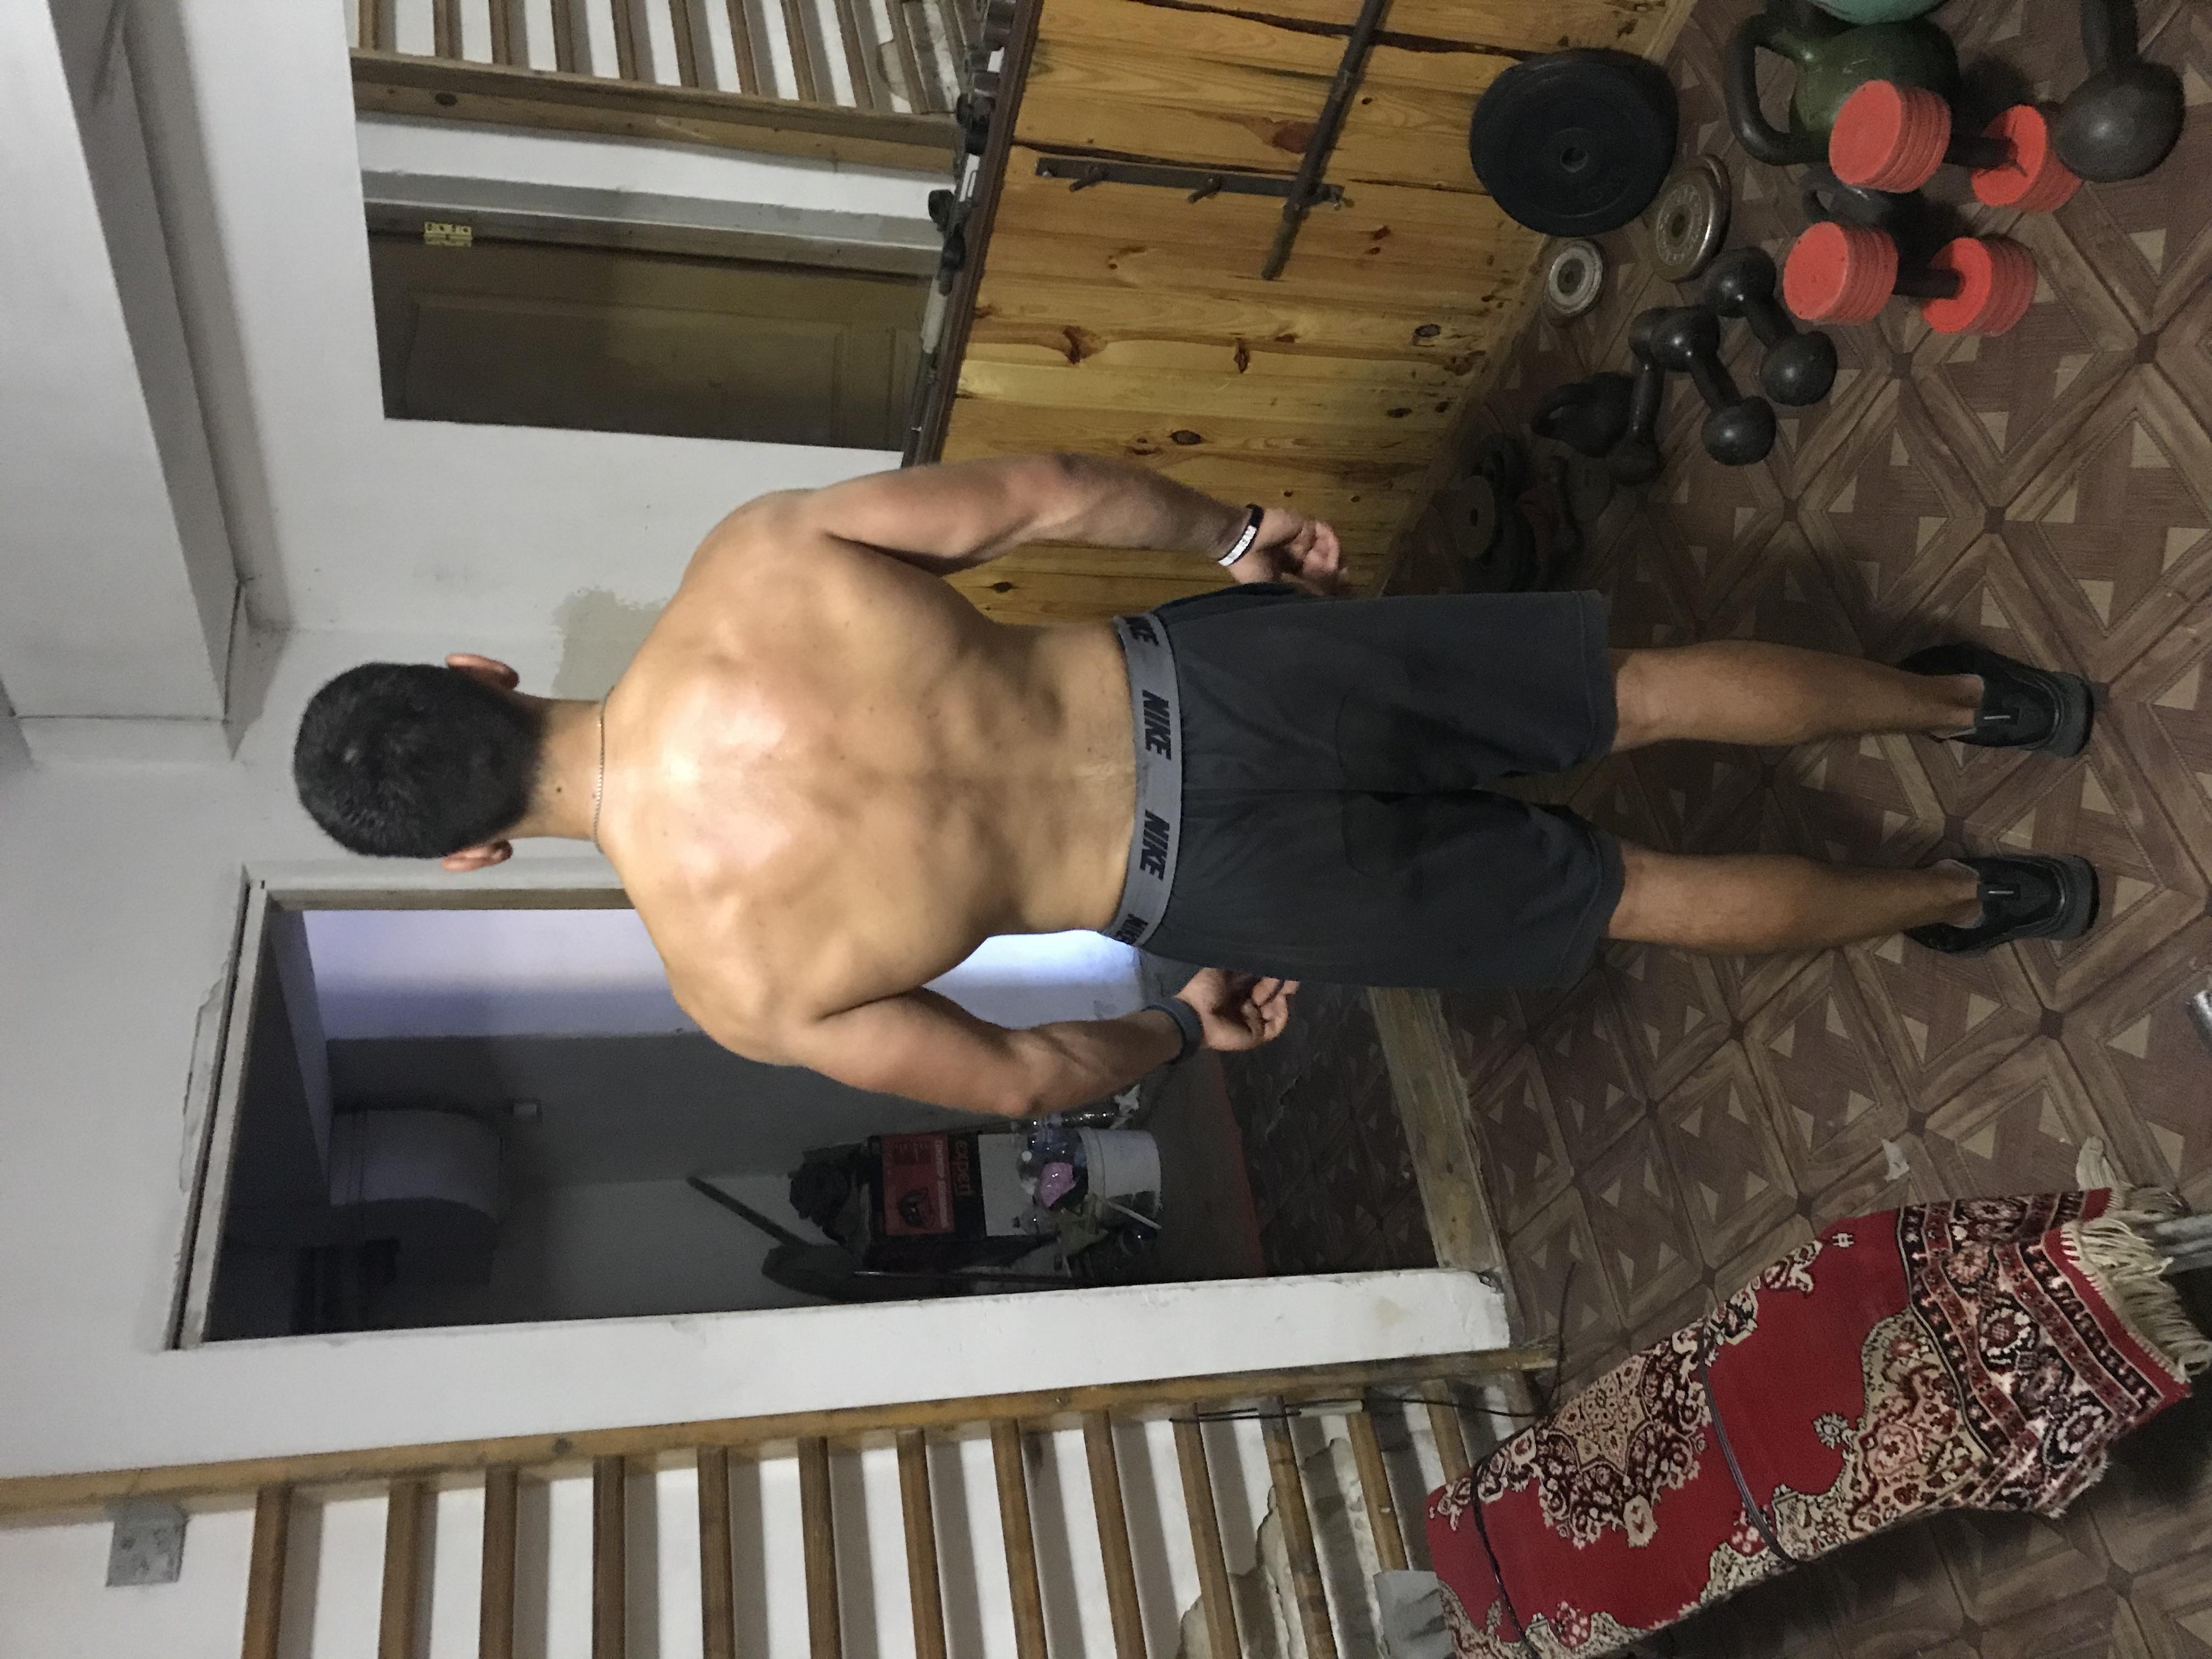 Фото Помогу с набором мышечной массы или похудением без вреда для здоровья и добавок 3